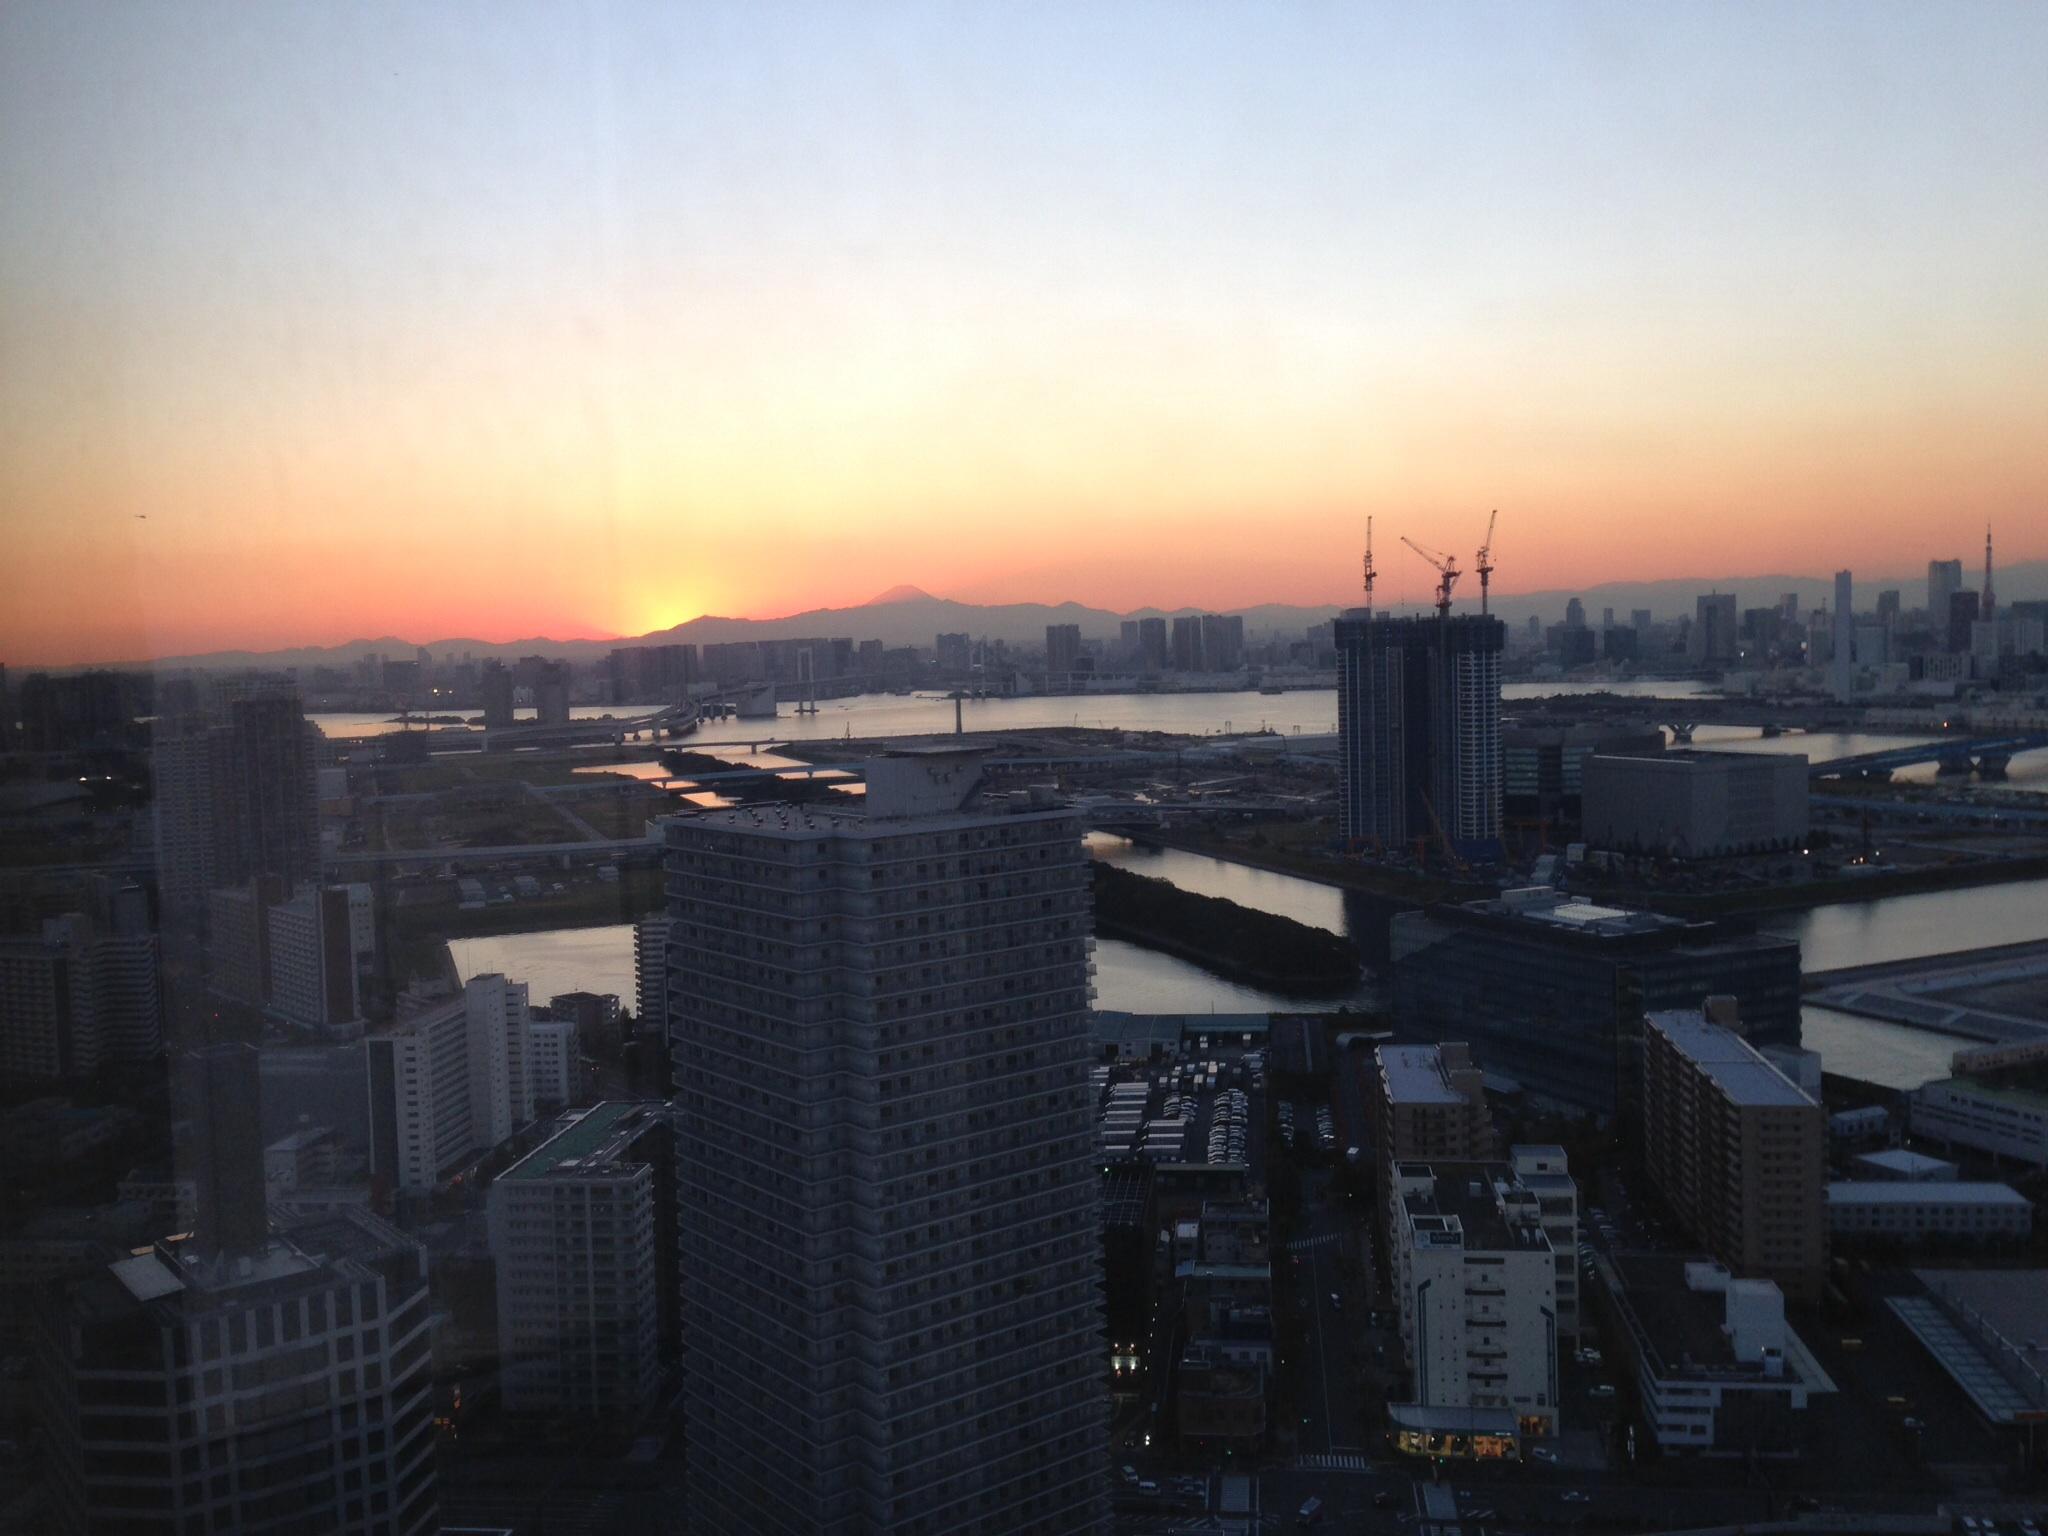 [契約者限定]SKYZ TOWER&GARDEN(スカイズ タワー&ガーデン)Part2